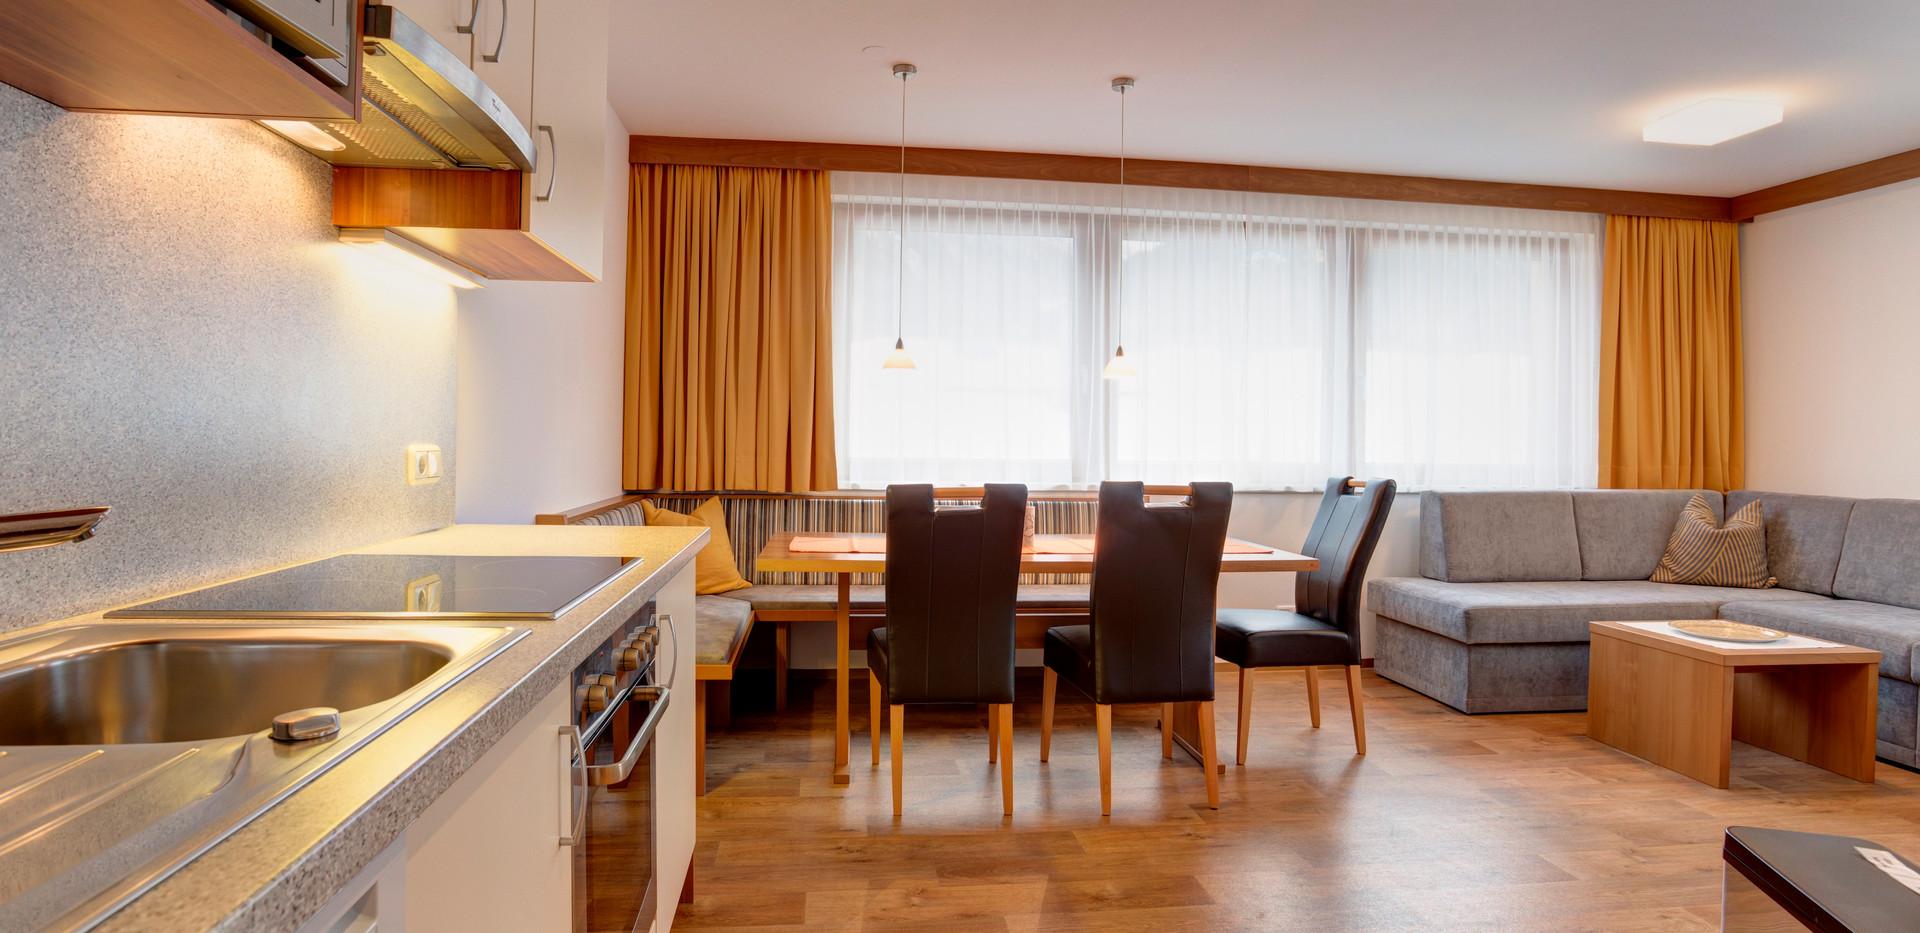 Küche mit Aufenthaltsbereich.jpg